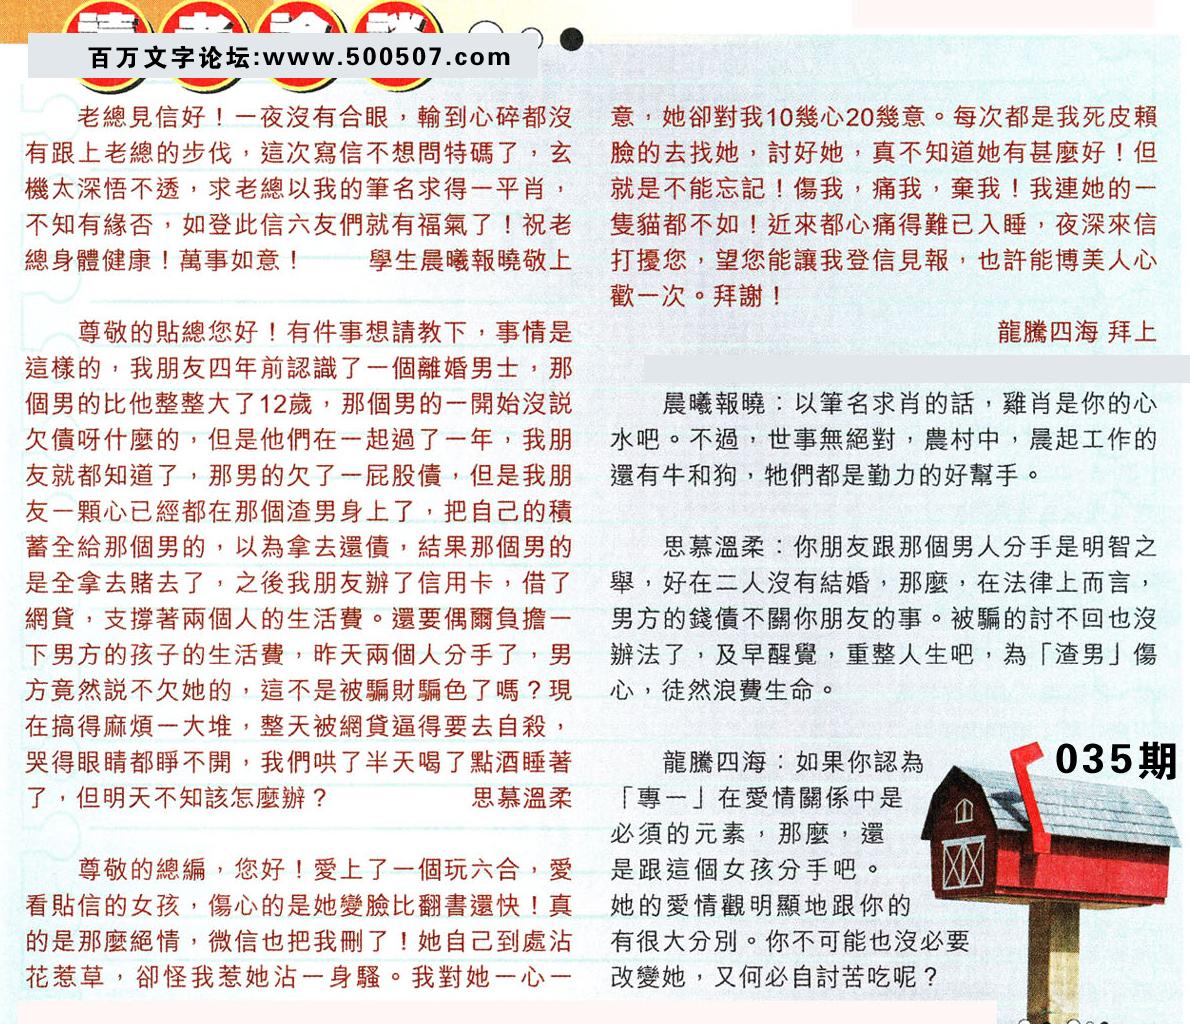 035期:彩民推荐�N信�x者���